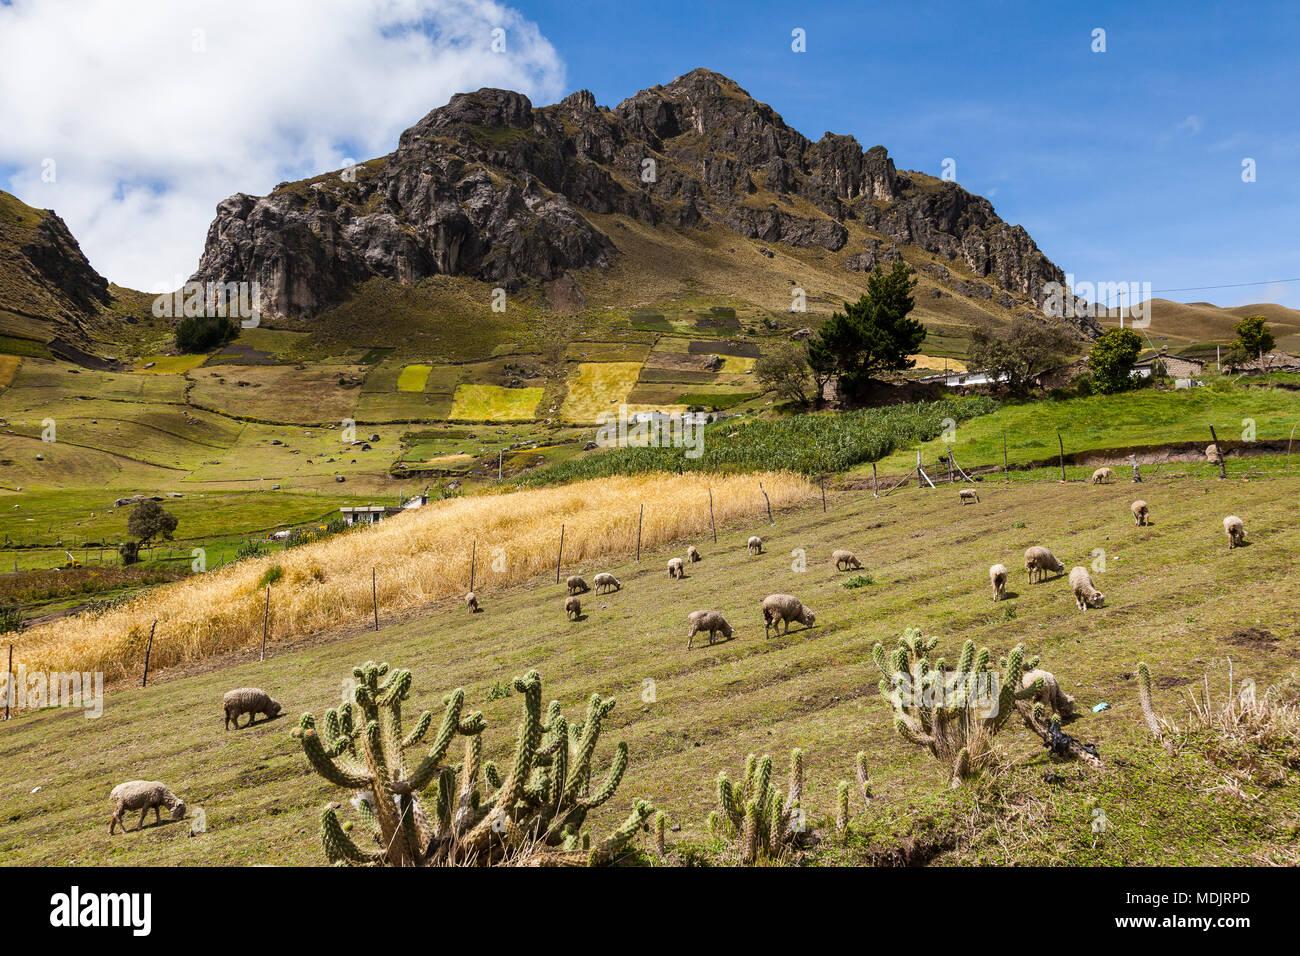 Farmen und Kulturen am Fuße der Hügel von Rock Zumbahua in der Provinz Cotopaxi, Ecuador Stockbild